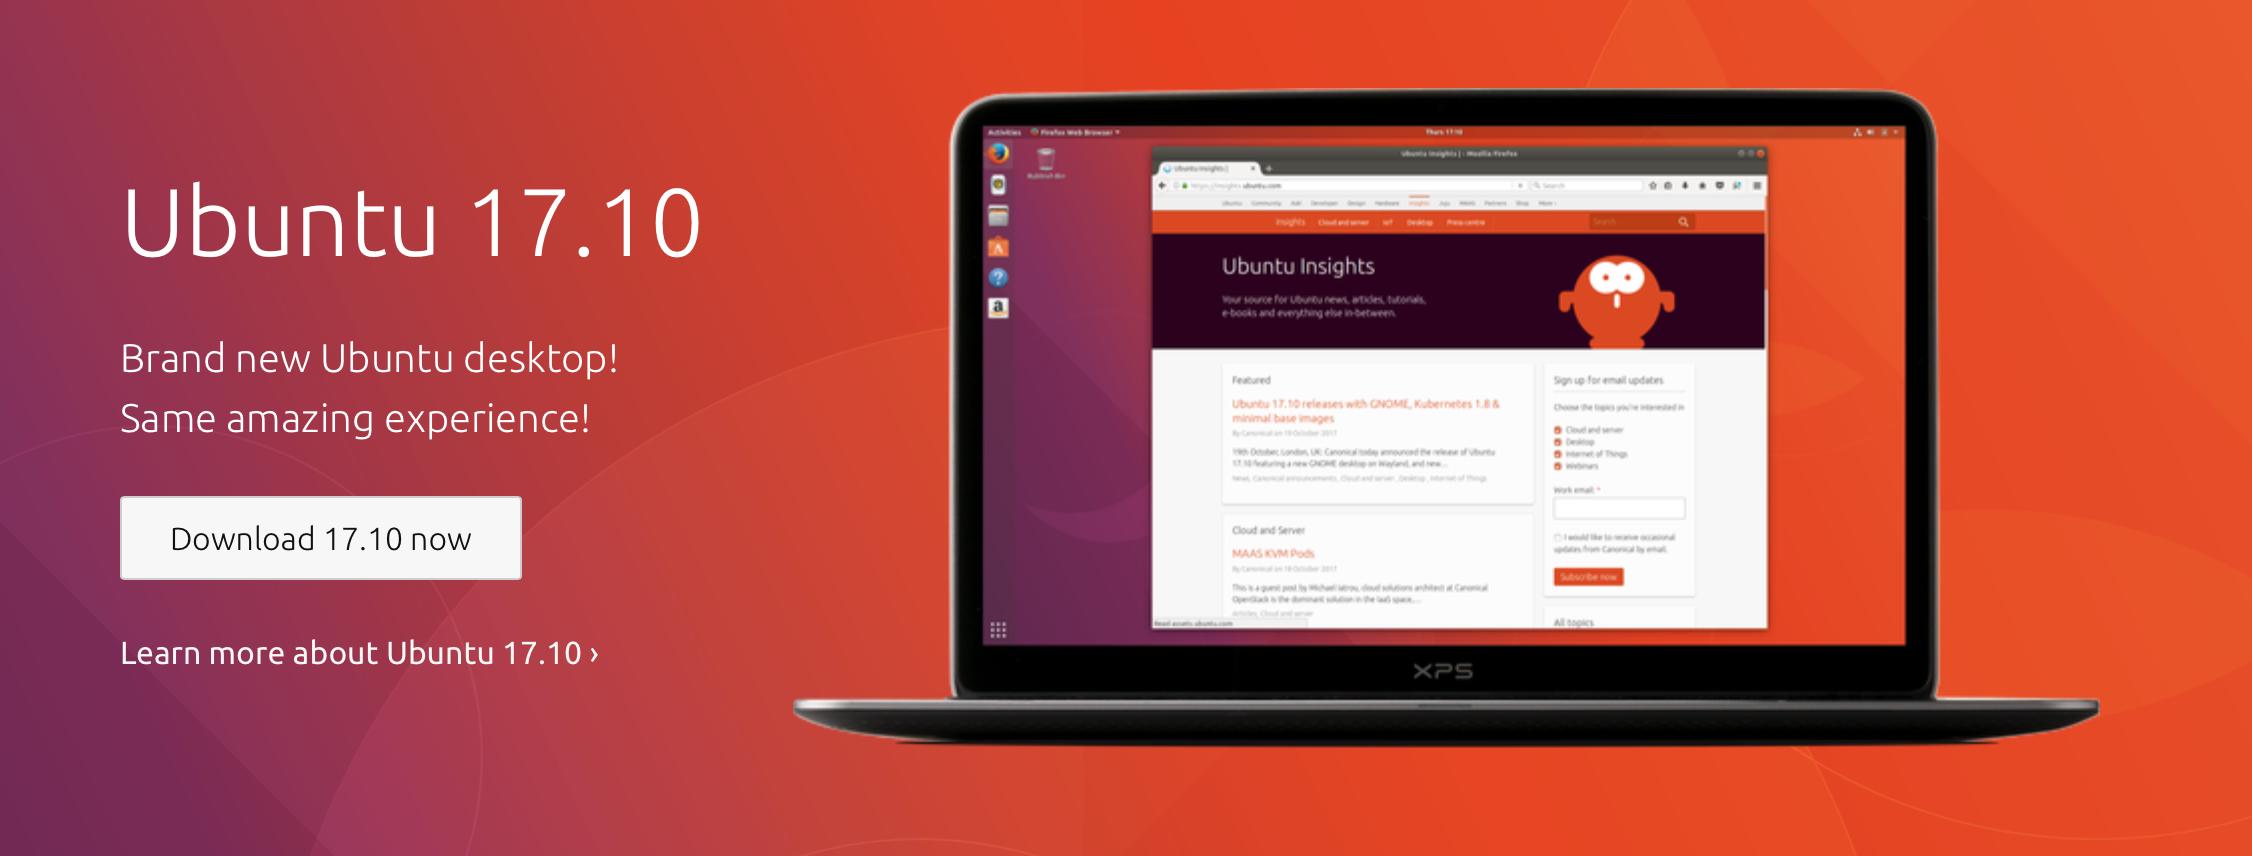 Downloadbanner van Ubuntu